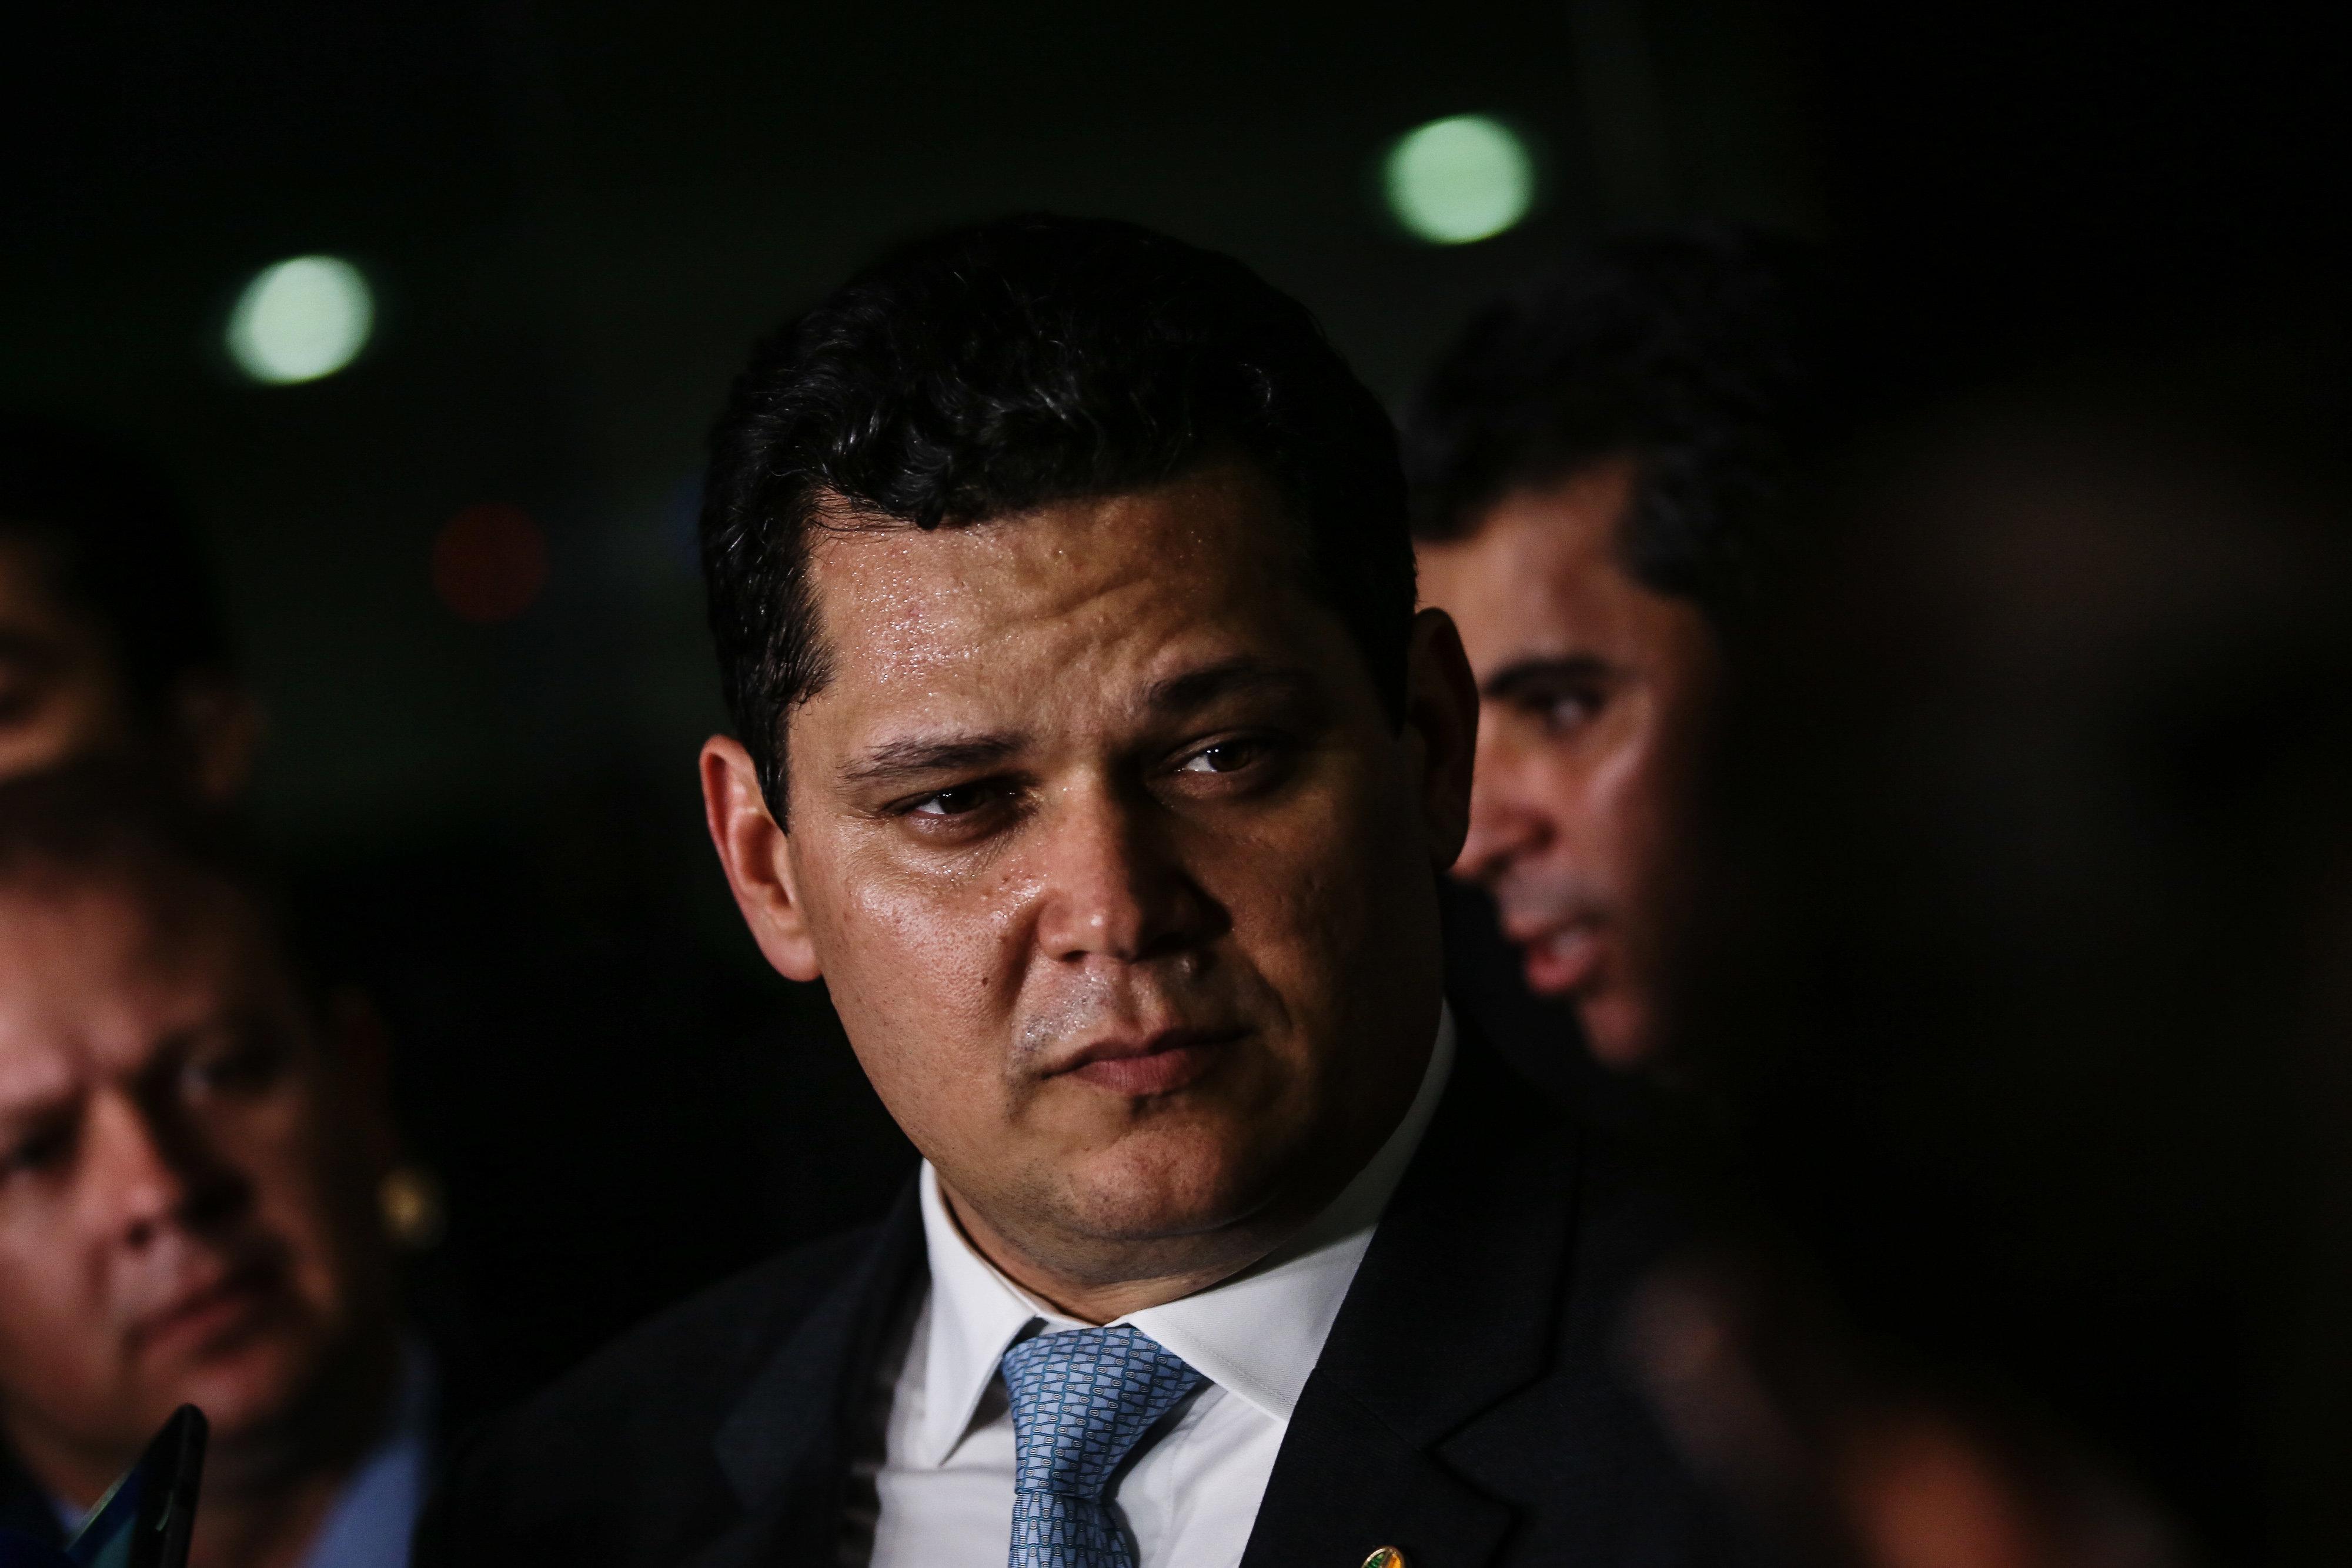 Presidente do Senado arquiva CPI da Lava Toga, mas parlamentares terão palavra